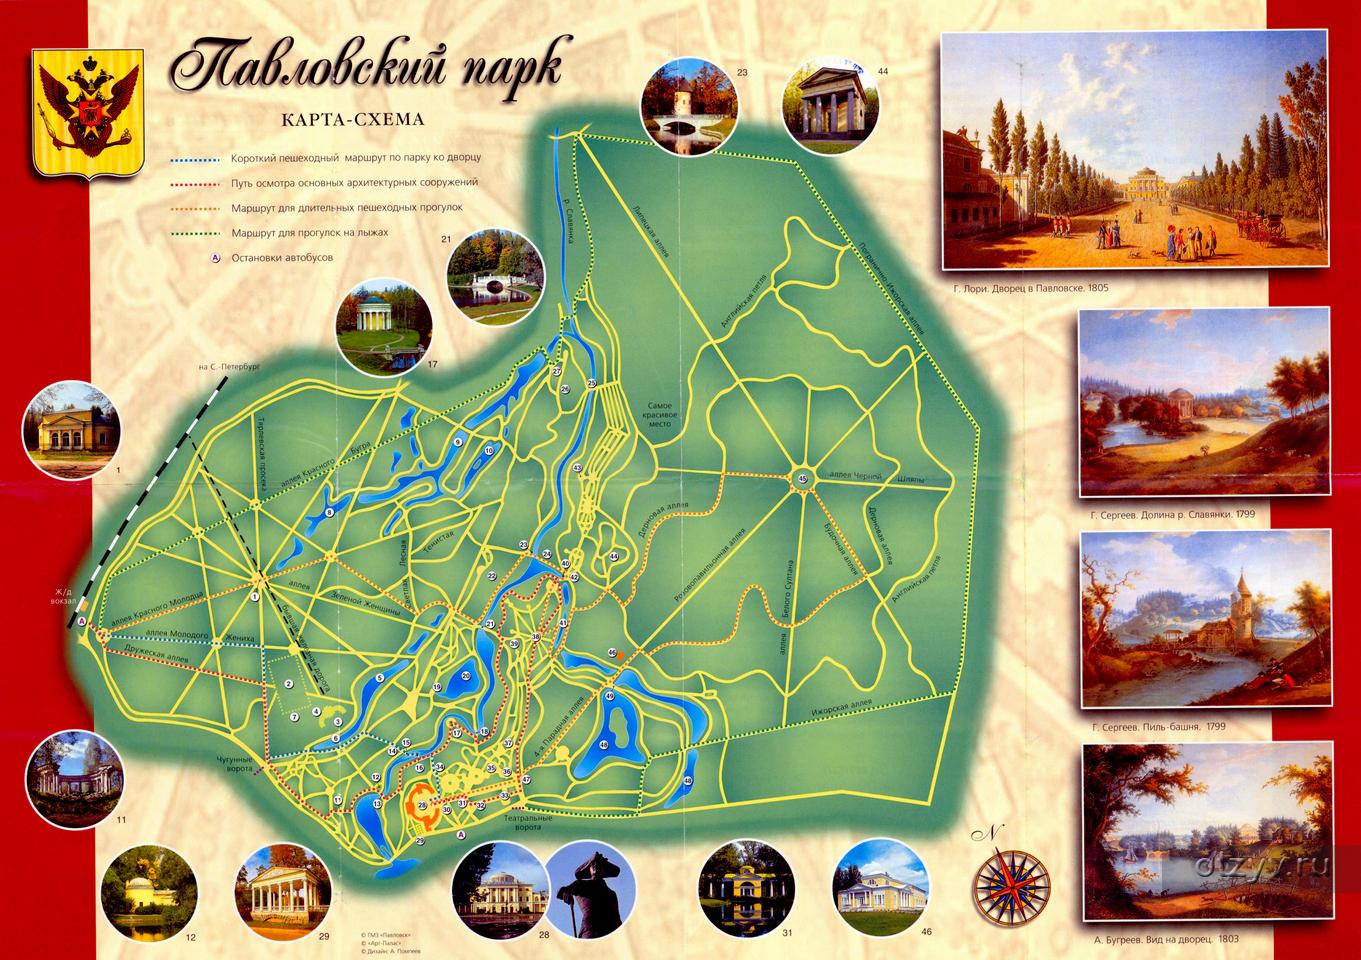 павловский парк карта схема